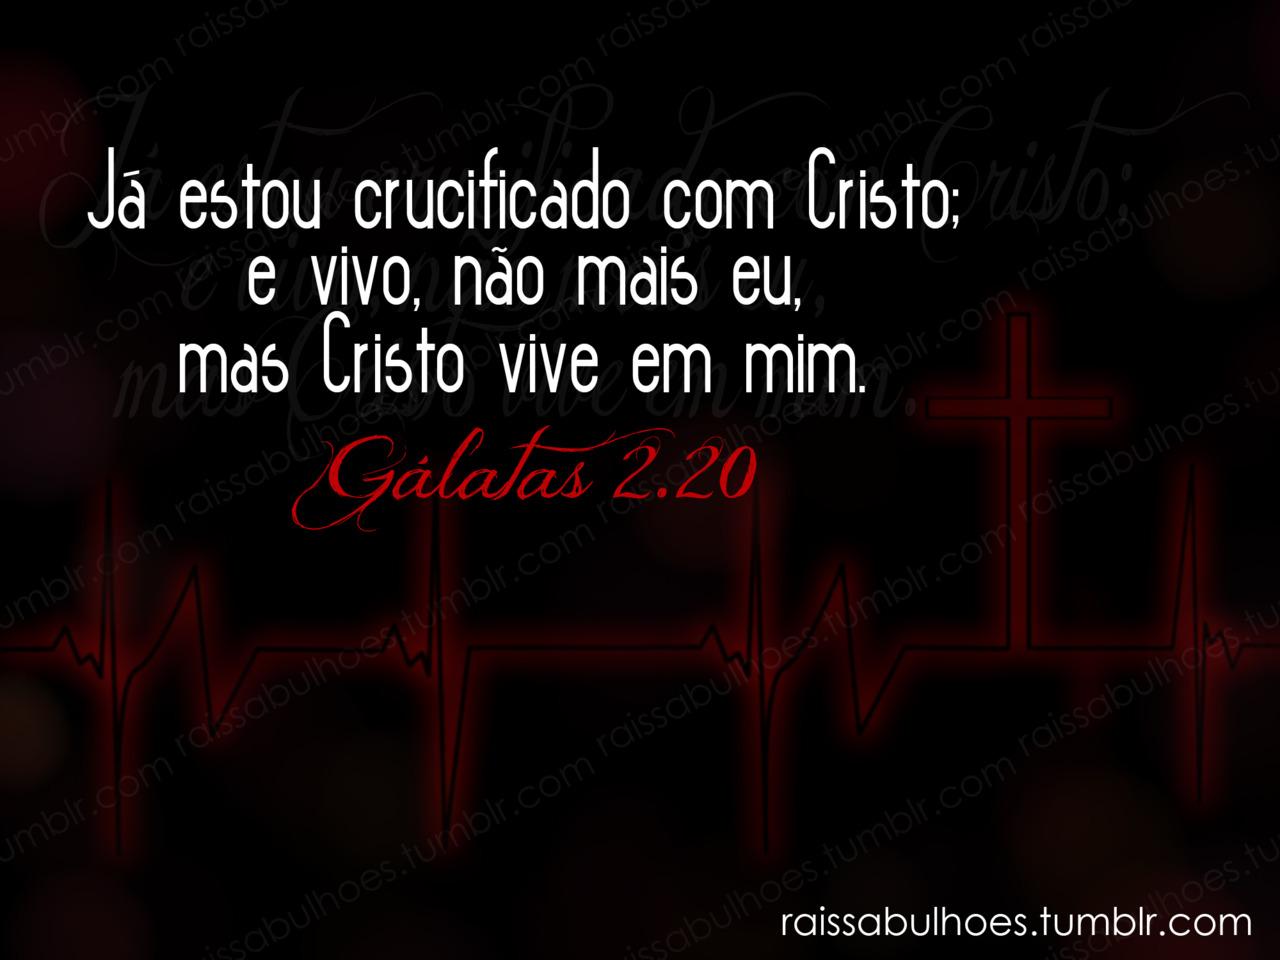 Recado Facebook Fui crucificado com Cristo